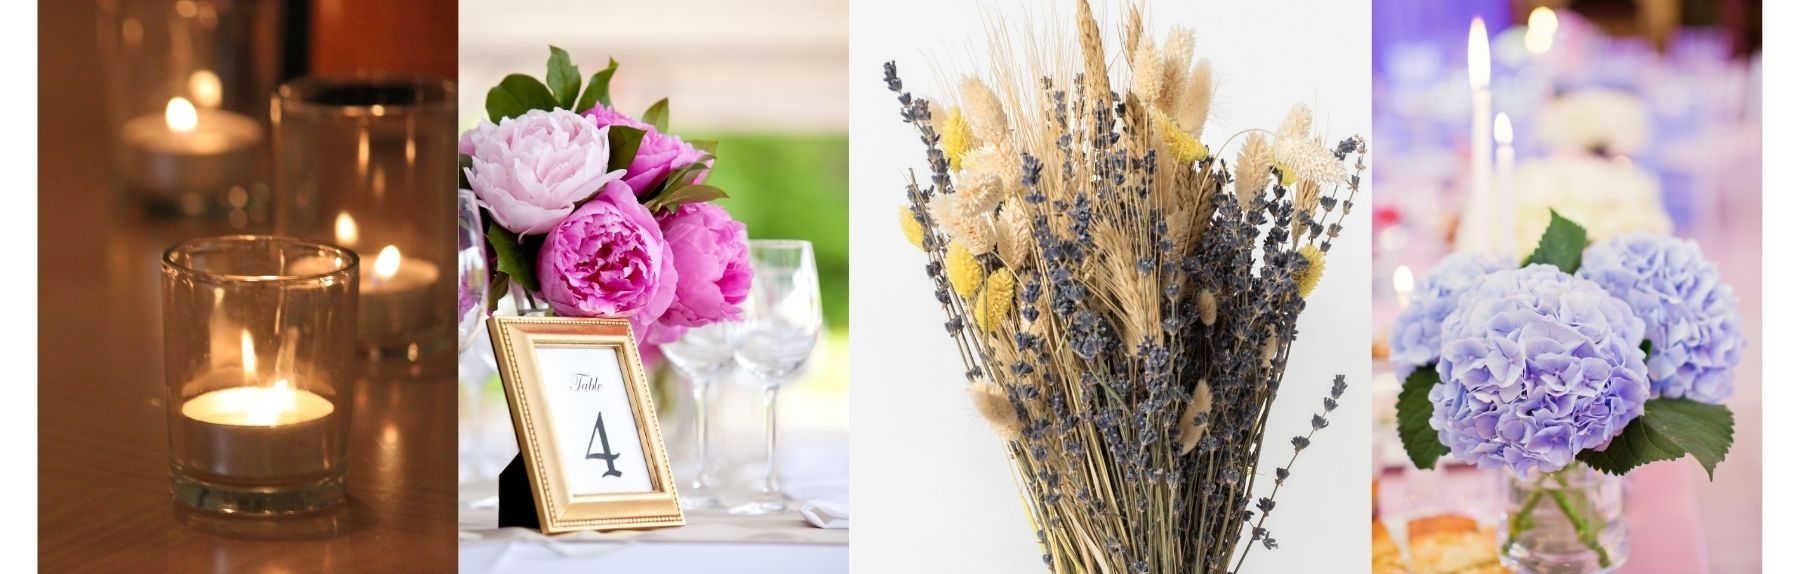 Tips for a DIY wedding - centerpieces